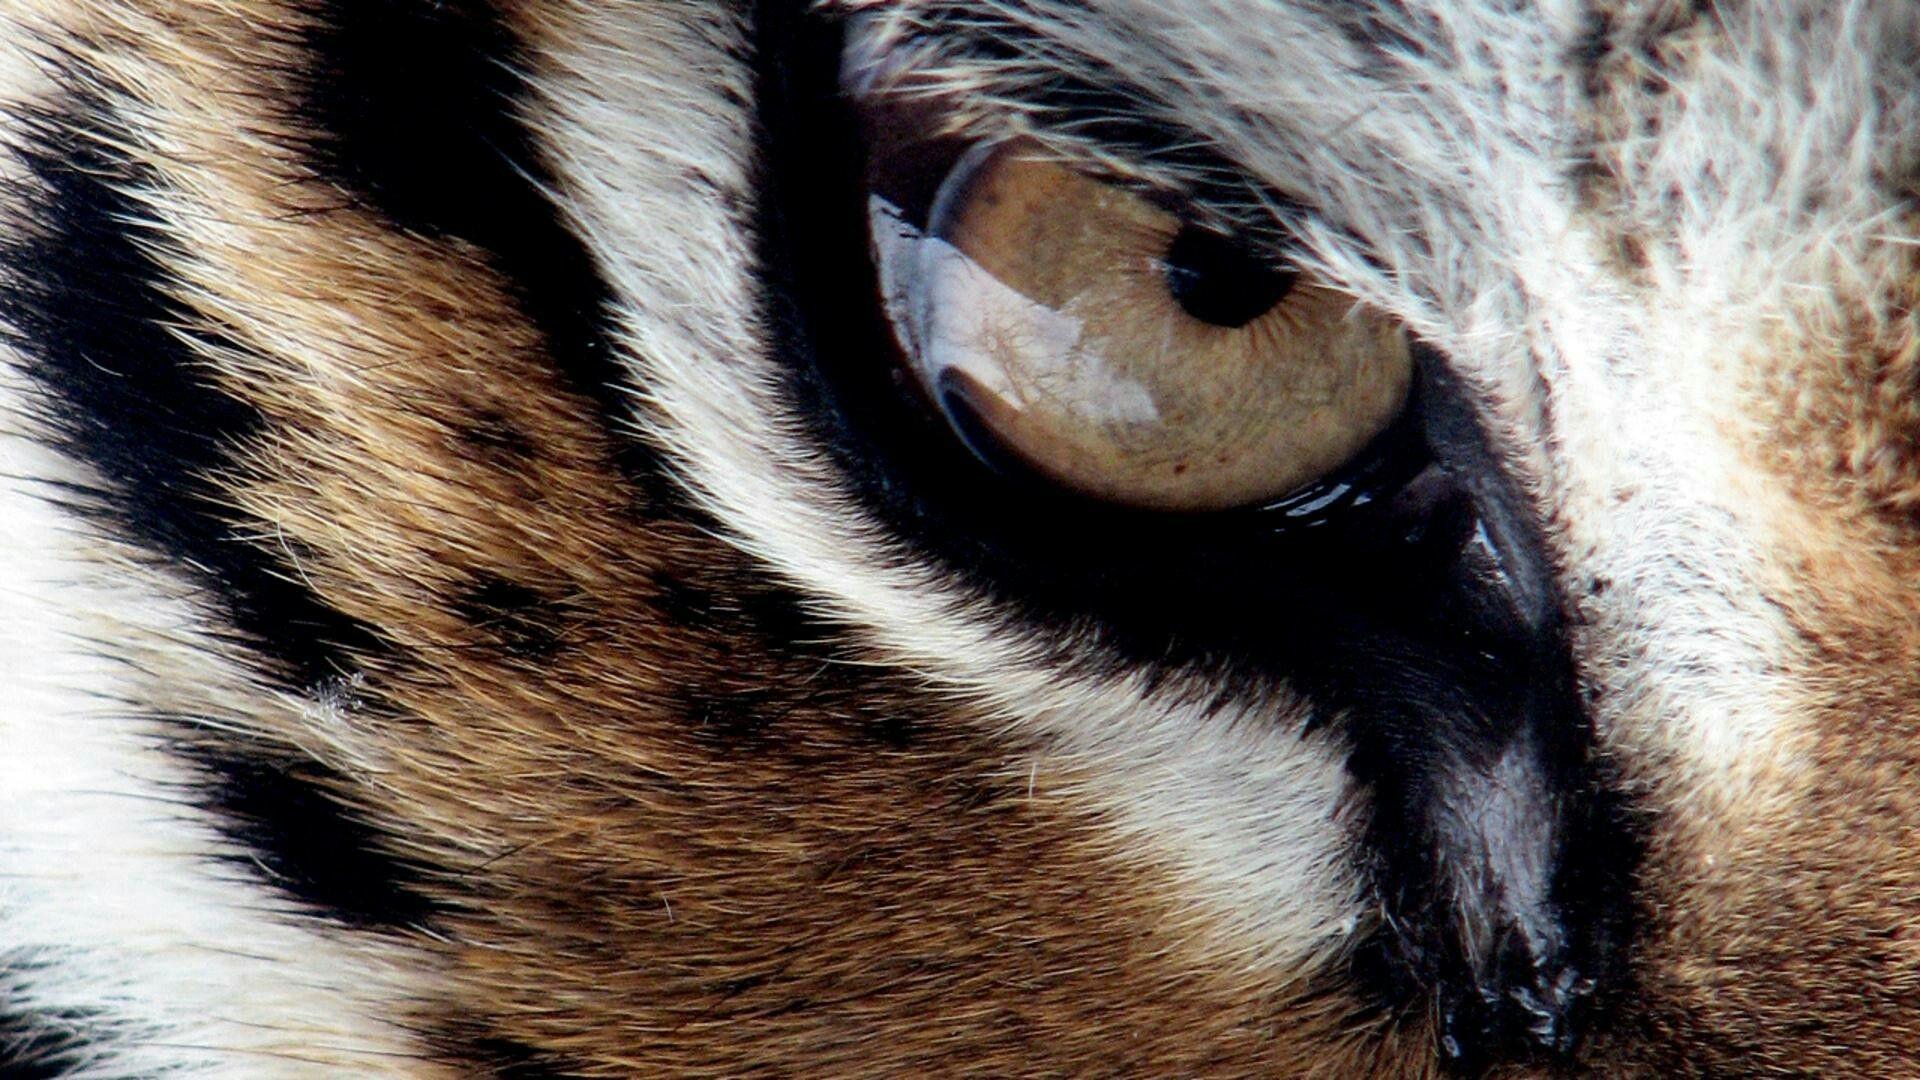 Kral Kaplan Tiger Wallpaper Lion Eyes Tiger Wallpapers